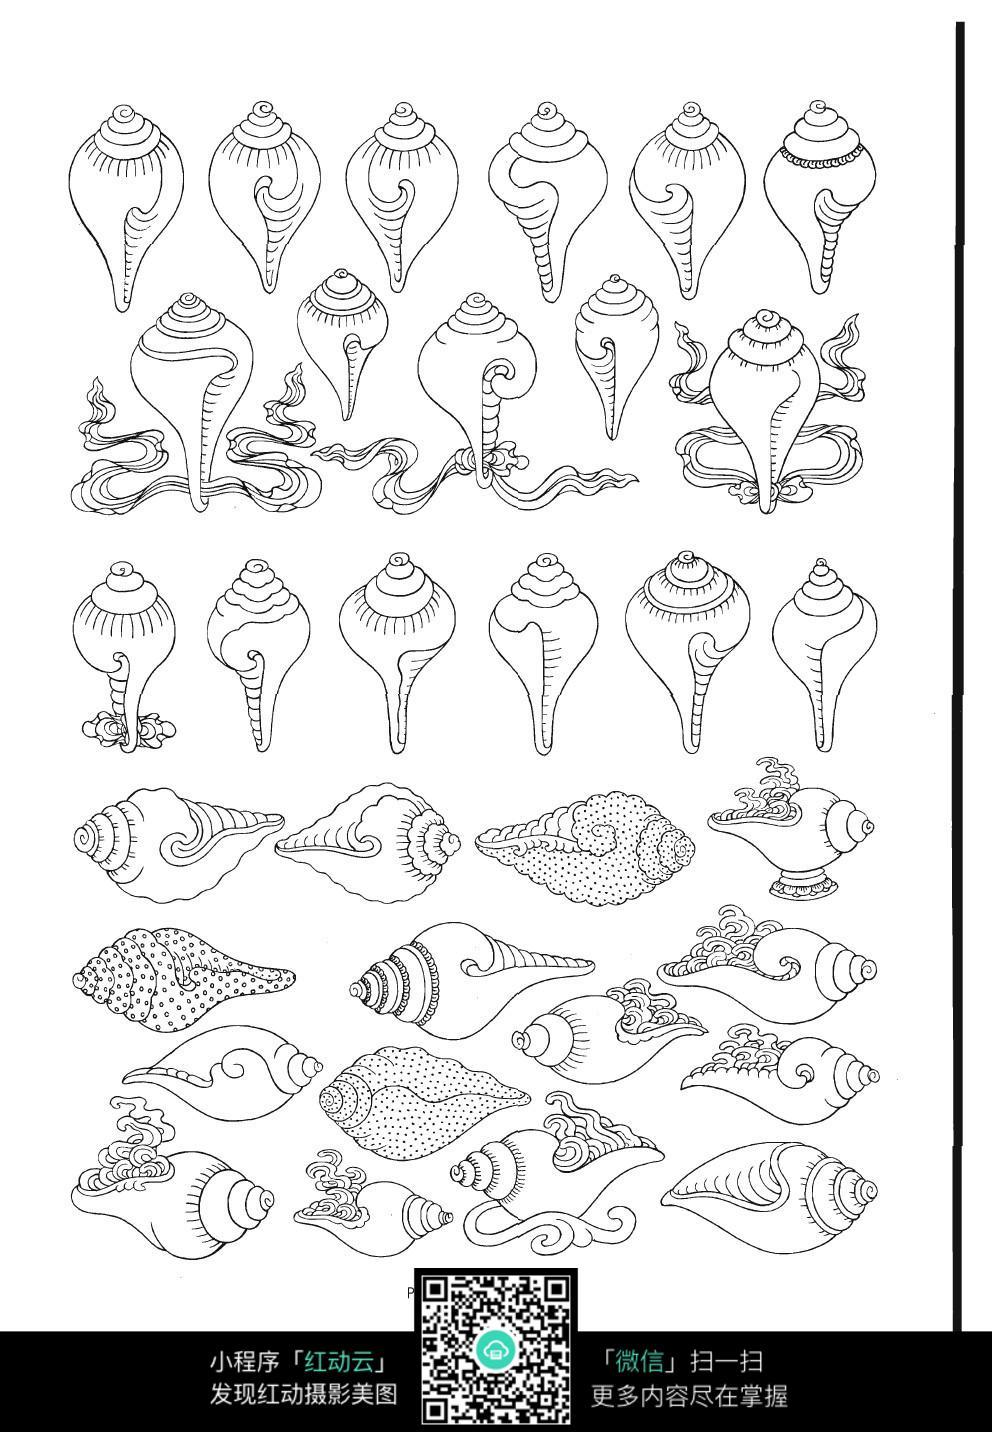 海螺装饰图案线描图形图片